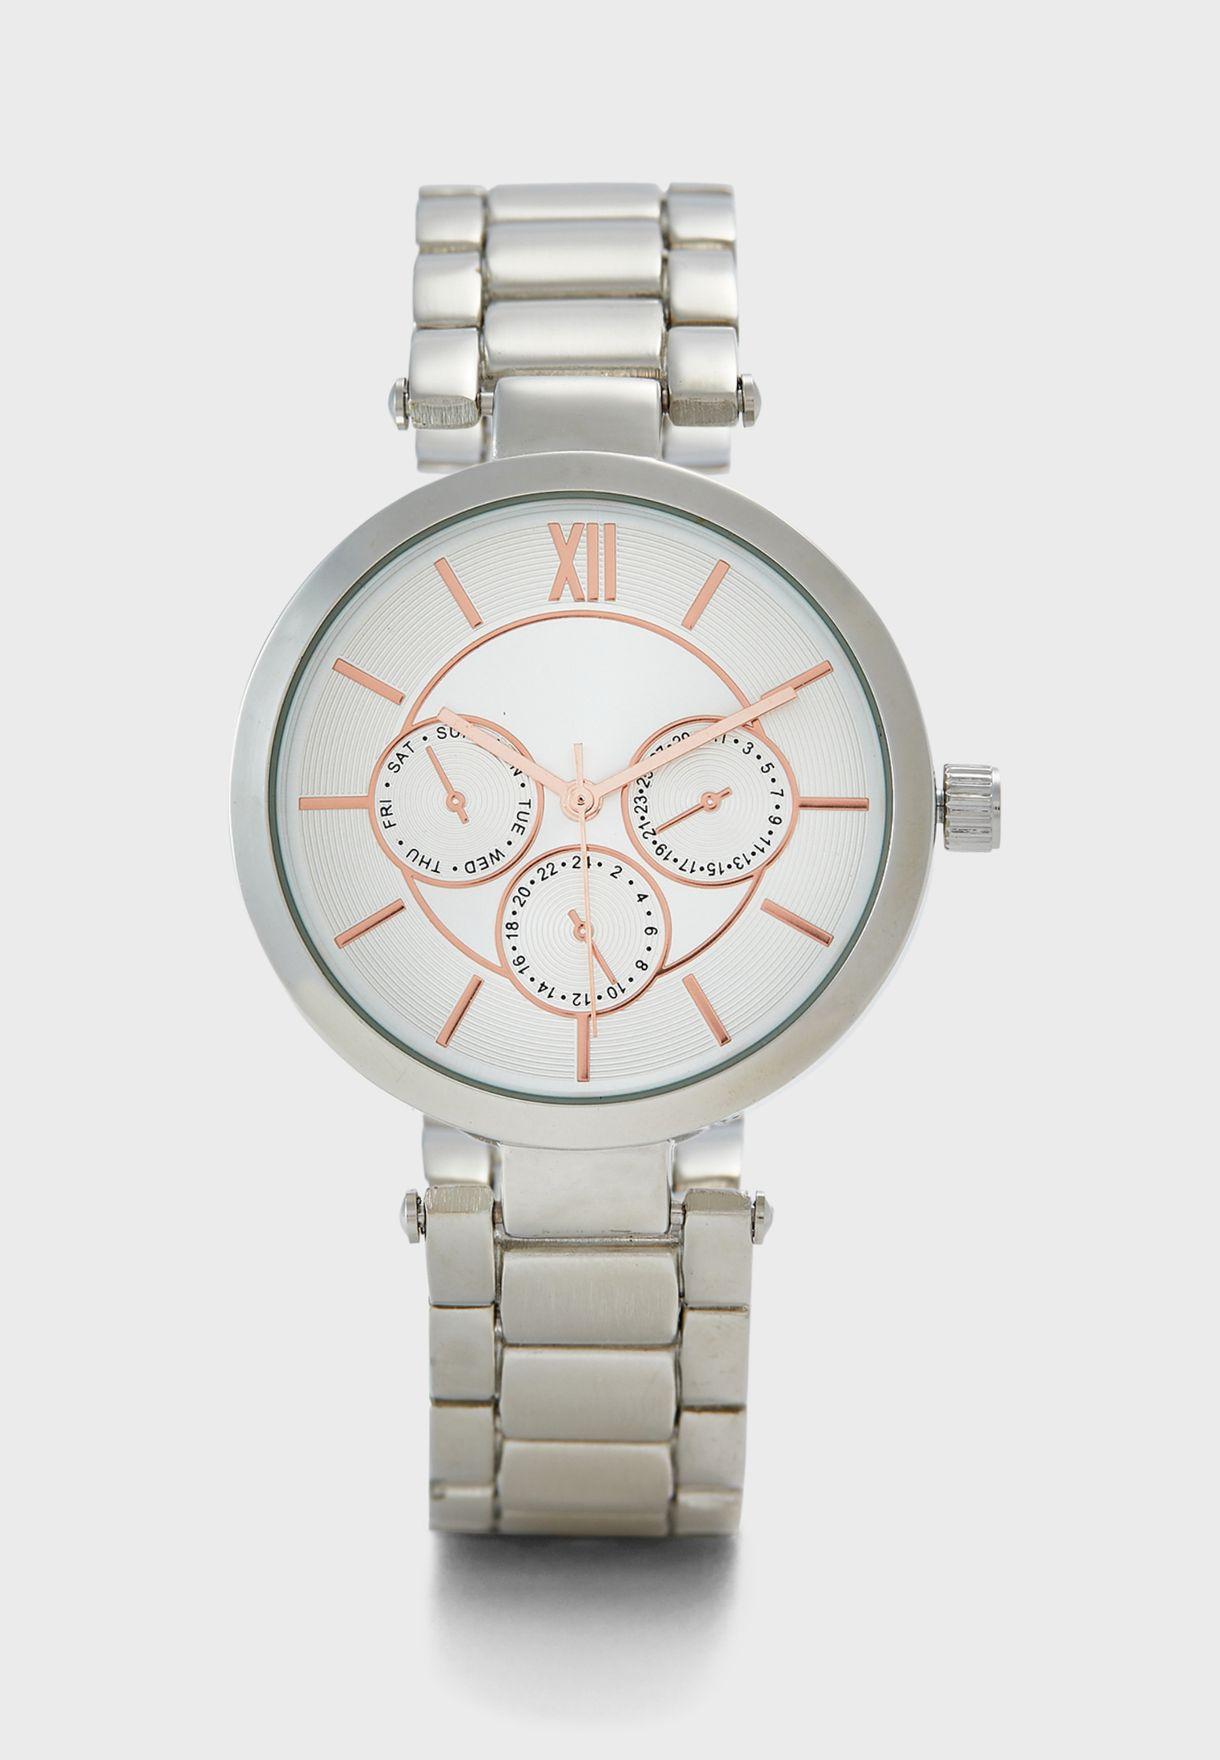 8ad97496fe0a0 تسوق ساعة انيقة ماركة جينجر لون فضي GG01 في السعودية - GI121AC58WLP